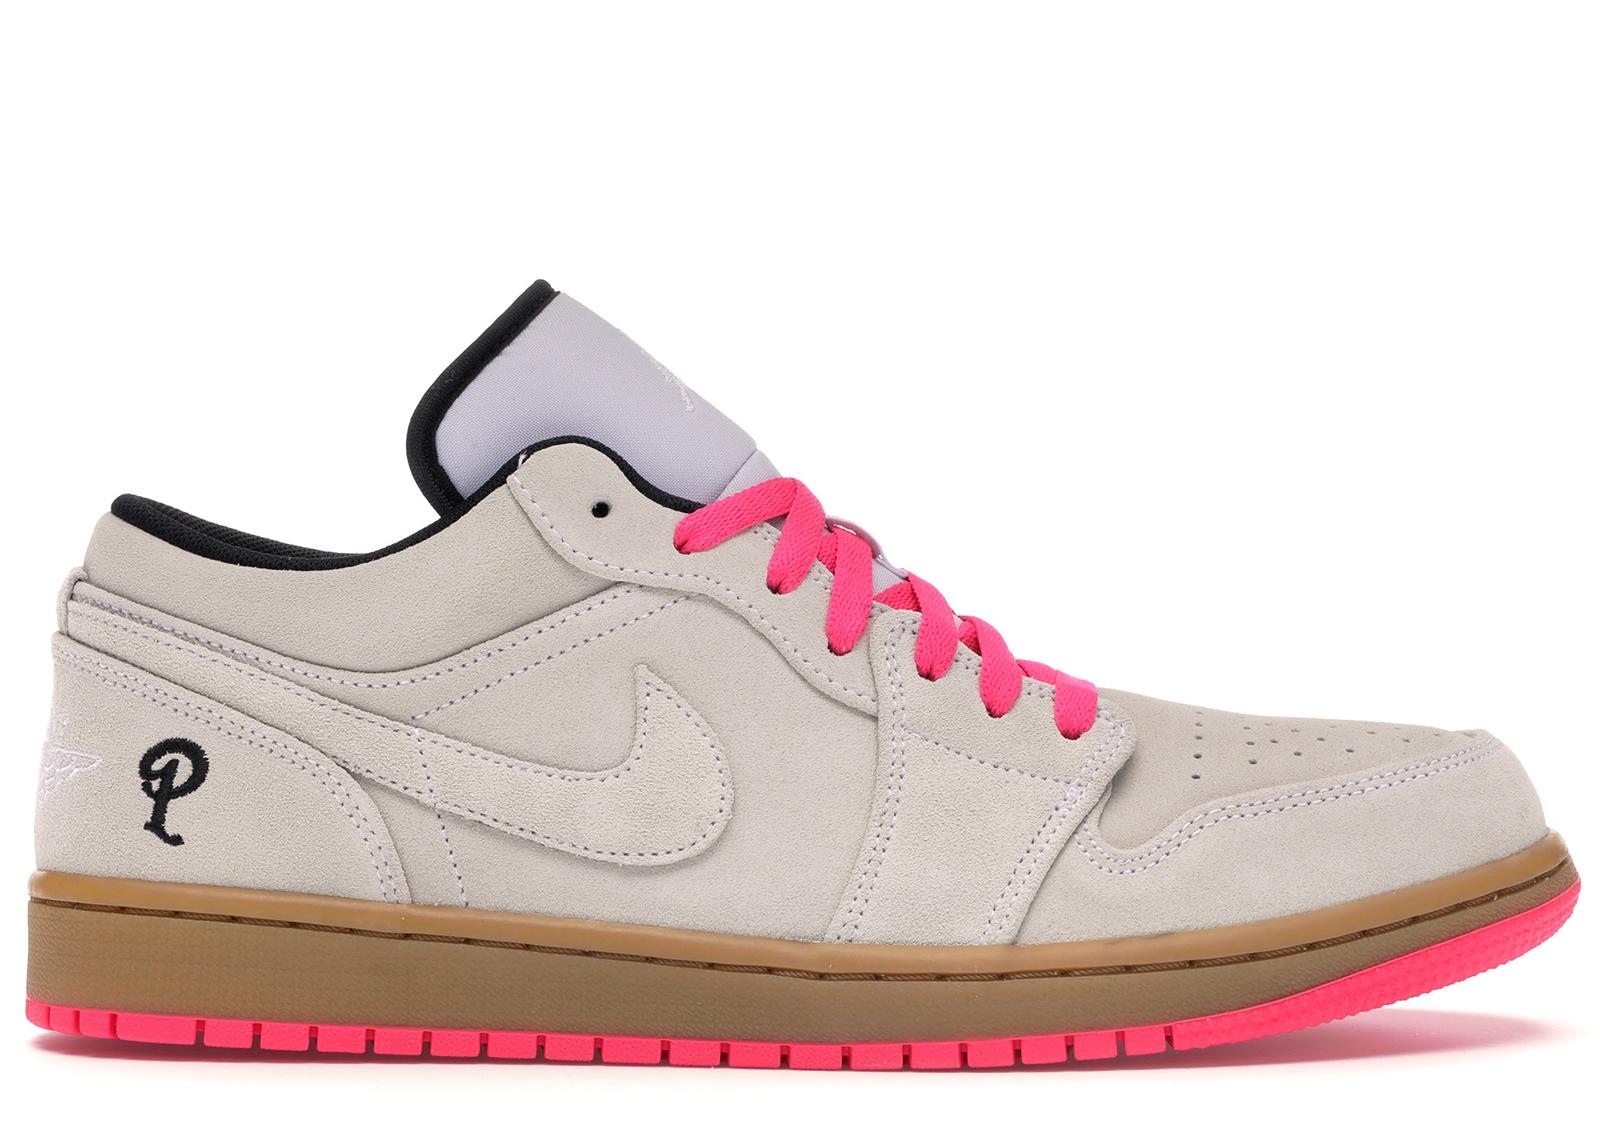 Jordan 1 Low Sneaker Politics - CQ3587-119